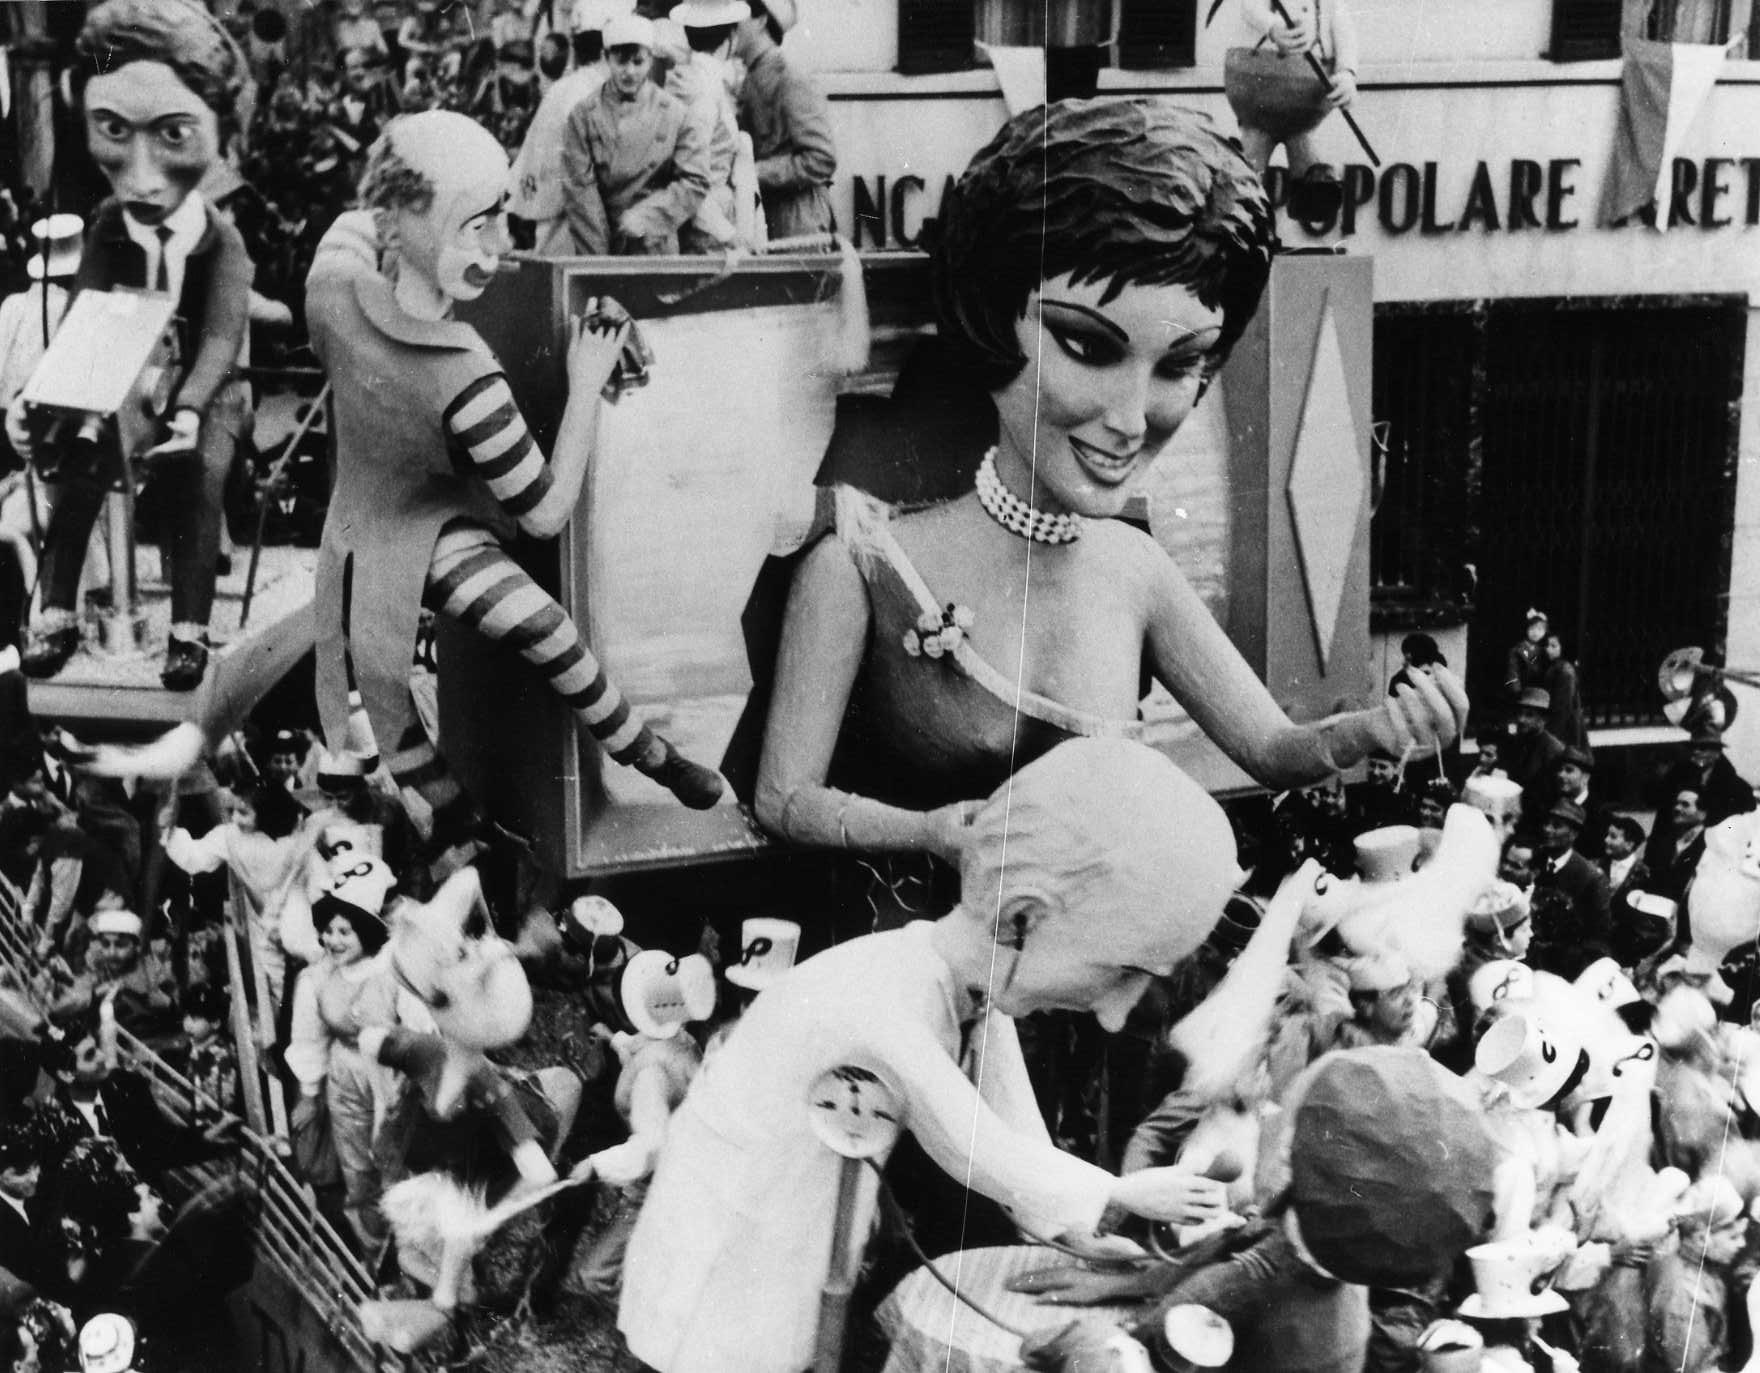 SECONDO CANALE-1962